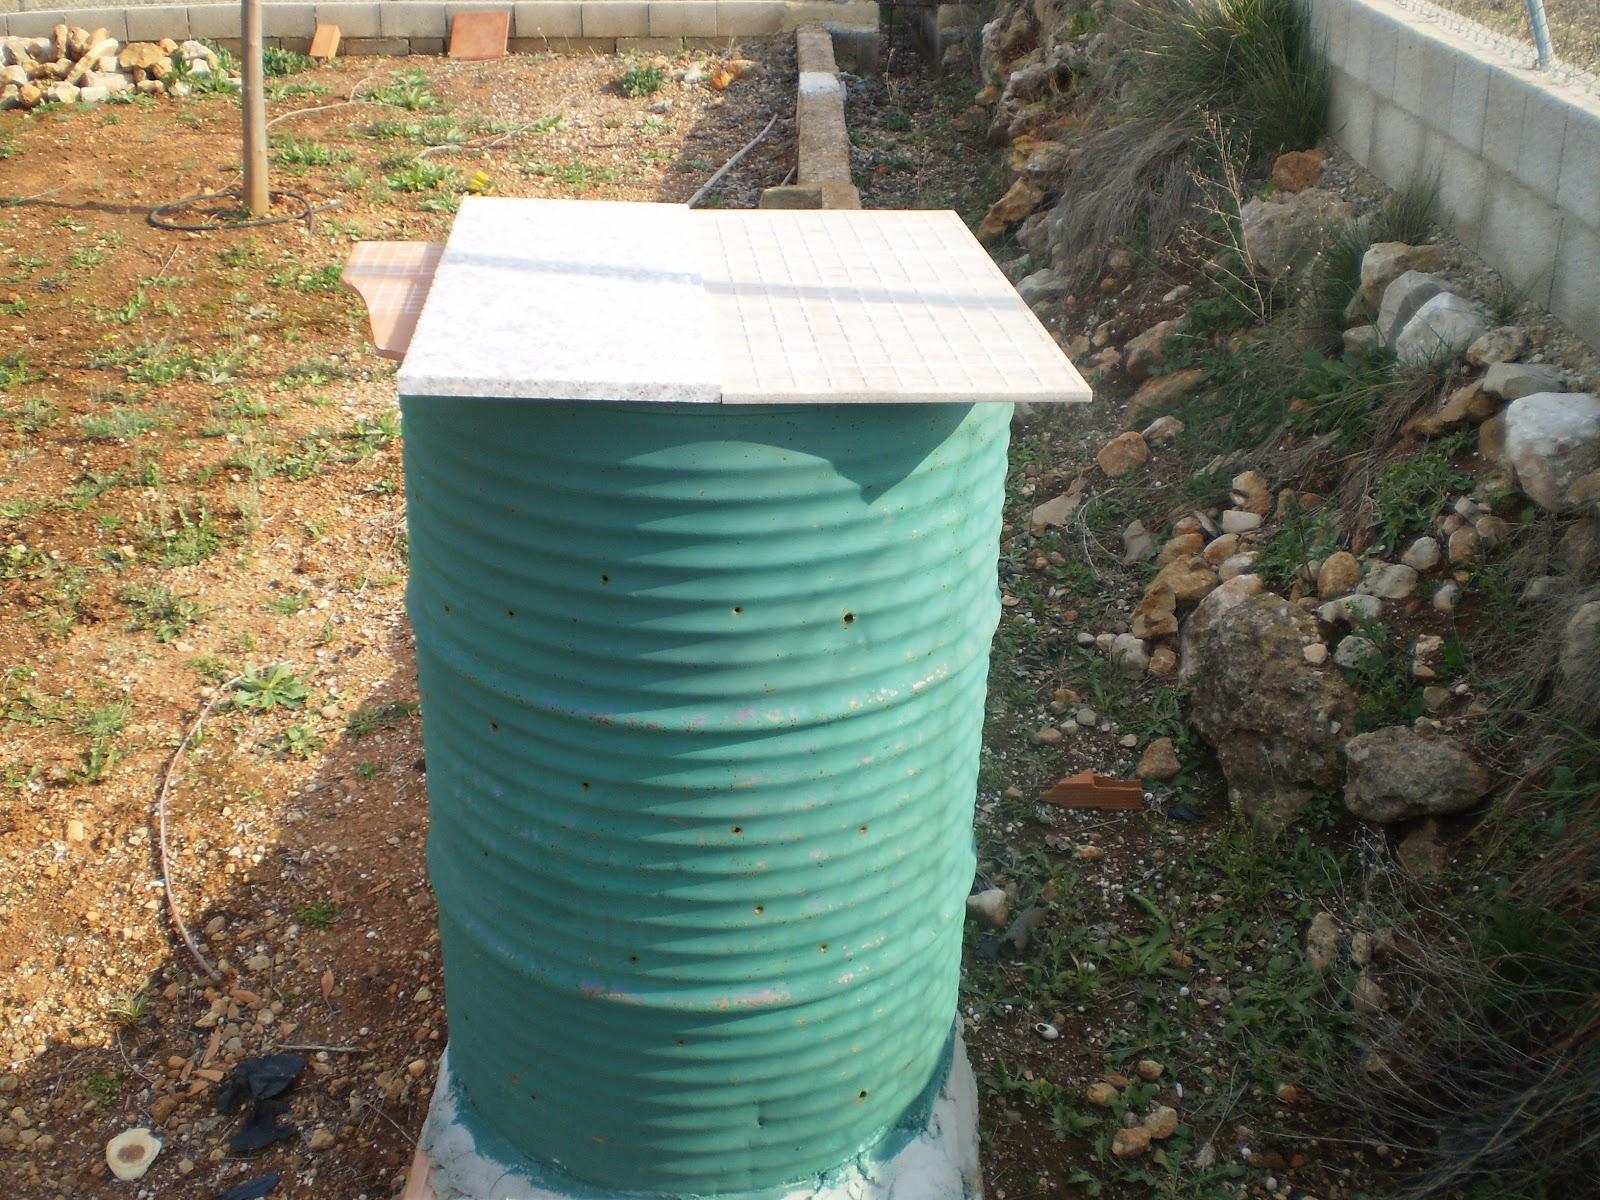 El blog de la elena un blog dulce divertido y entretenido hacer compost casero - Como hacer compost en casa ...